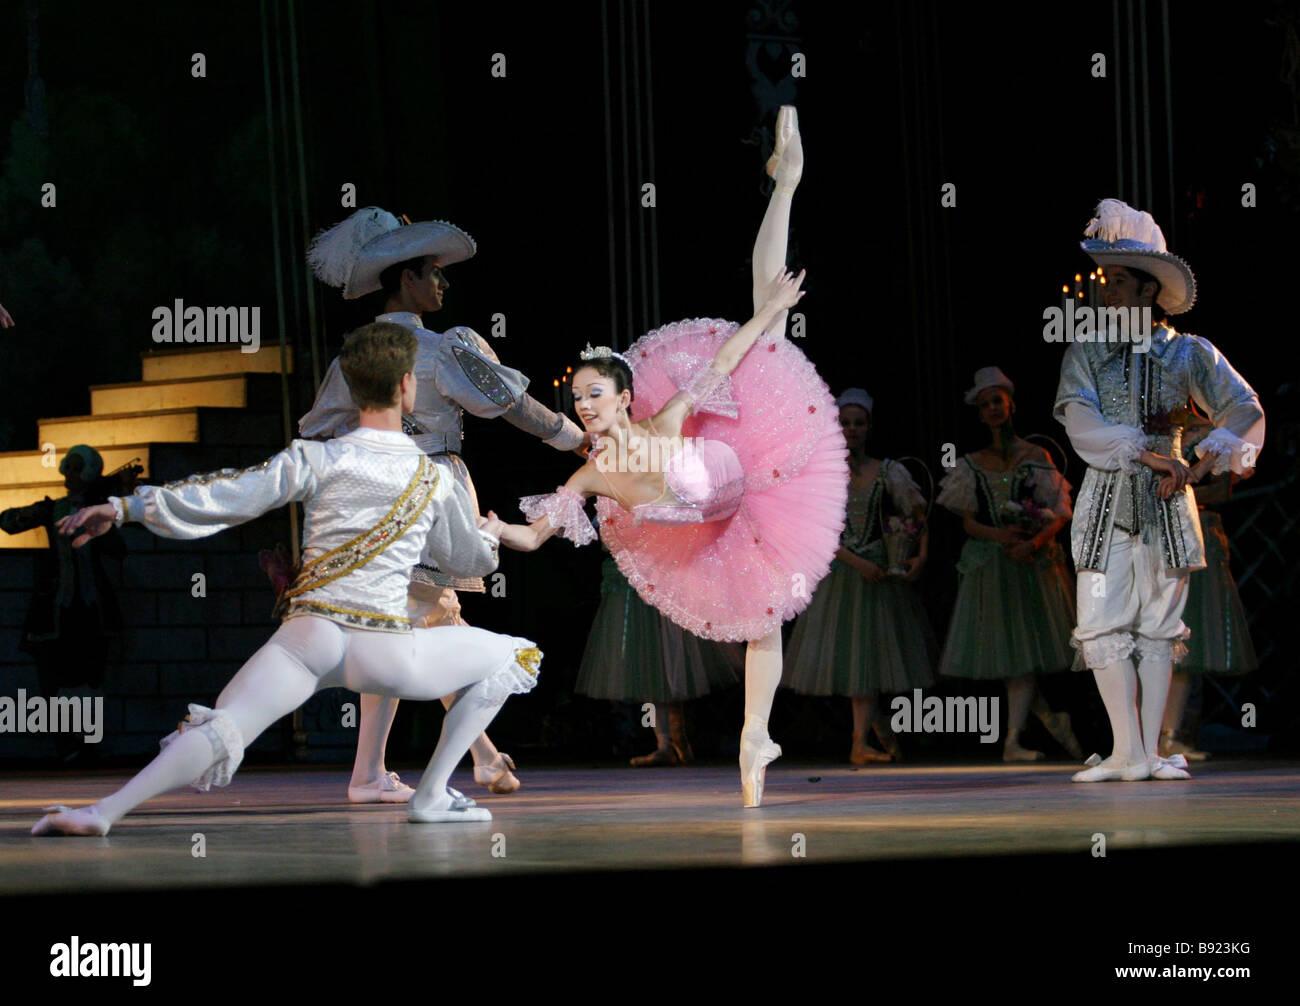 Estreno de la nueva versión del ballet La Bella Durmiente de Peter Tchaikovsky producidos por académicos Imagen De Stock